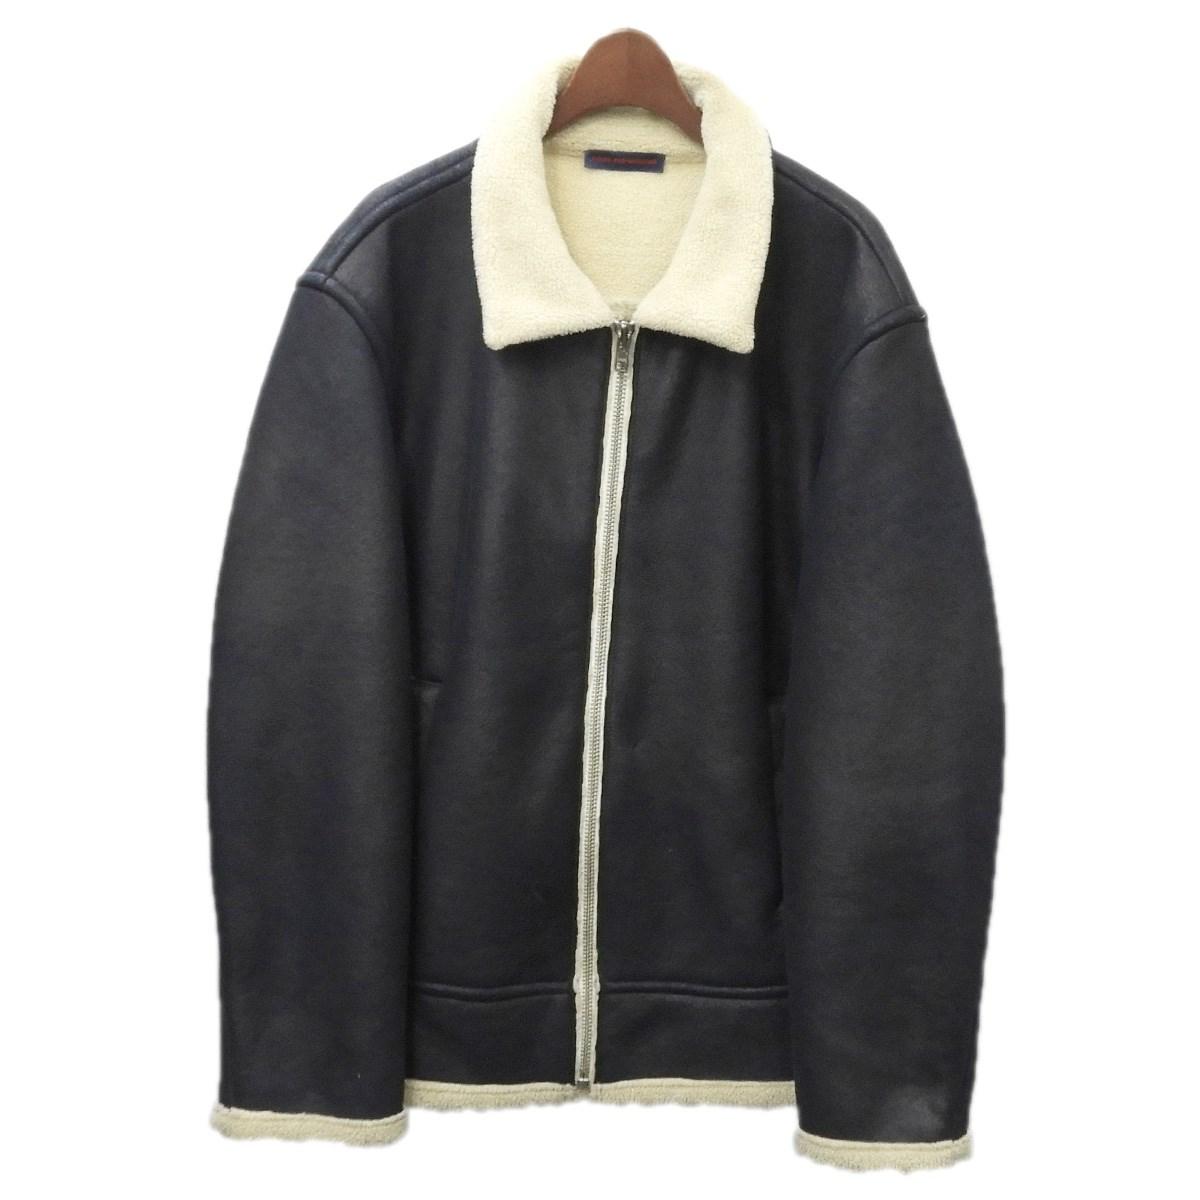 【中古】Gosha Rubchinskiy 「Fake Sheep Jacket」ムートンジャケット ネイビー サイズ:M 【290320】(ゴーシャラブチンスキー)